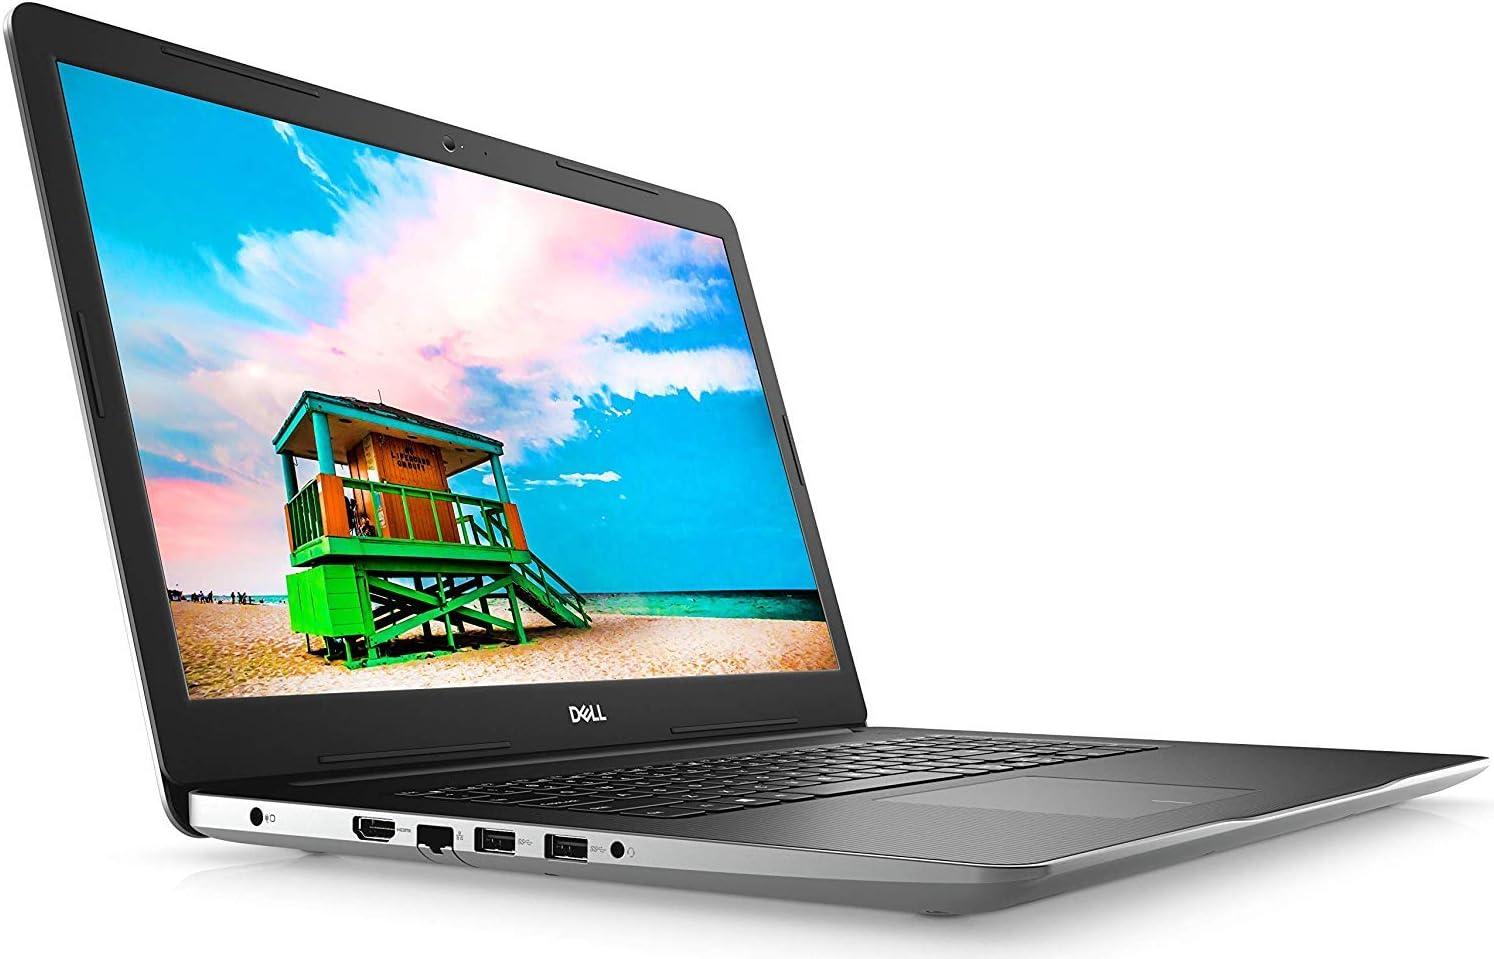 Dell Inspiron 17 3780 Laptop (Intel i7-8565U 4-Core, 16GB RAM, 256GB m.2 SATA SSD + 2TB HDD, AMD Radeon 520, 17.3